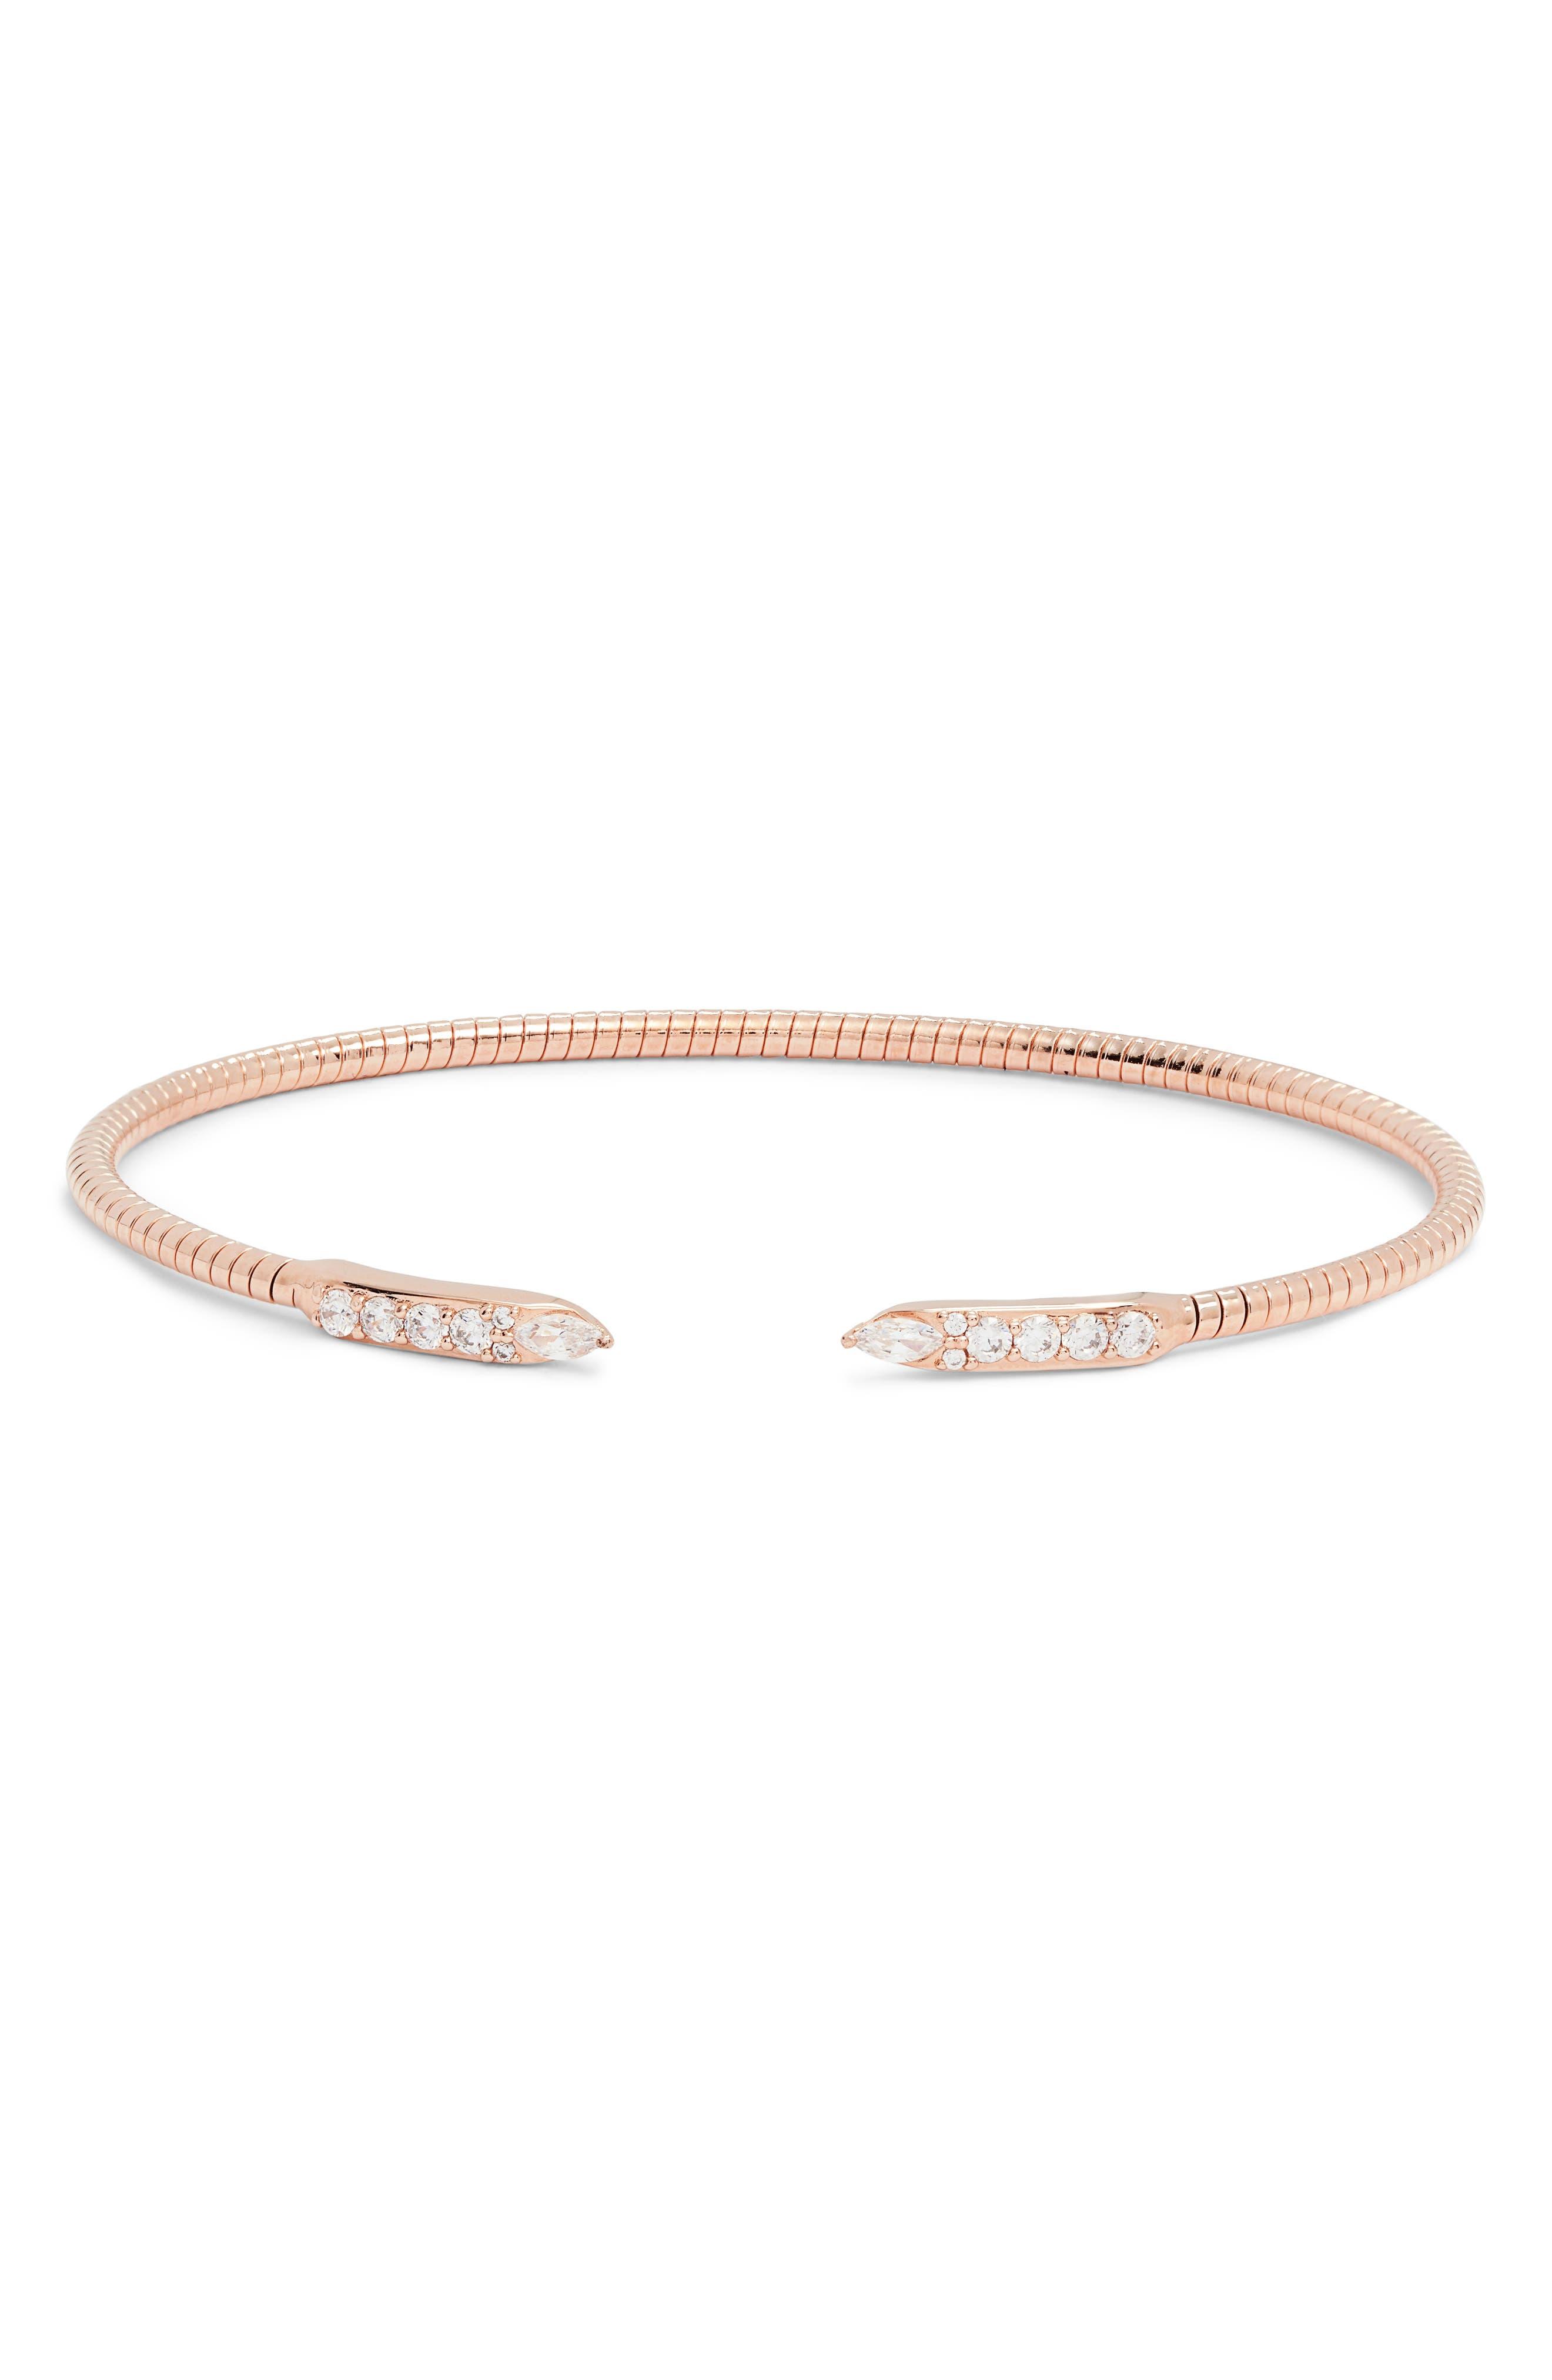 NADRI Flexi Cuff Bracelet, Main, color, ROSE GOLD